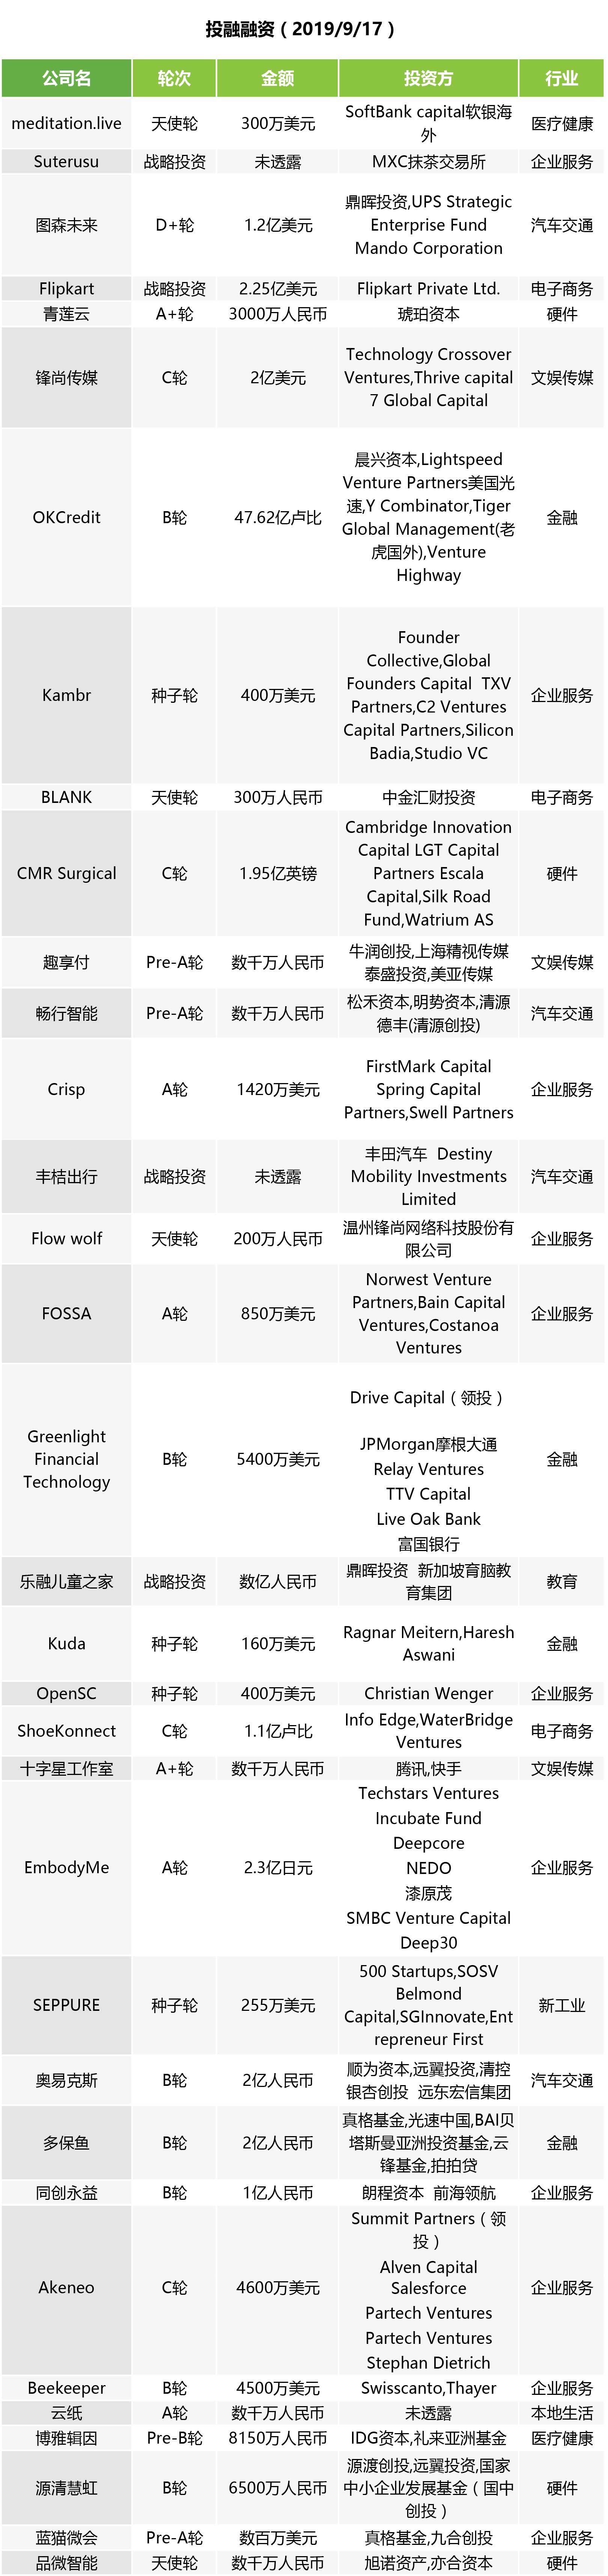 投融快讯 |  丰田、滴滴的合资公司丰桔出行正式成立 多保鱼宣布完成超2亿元B轮融资